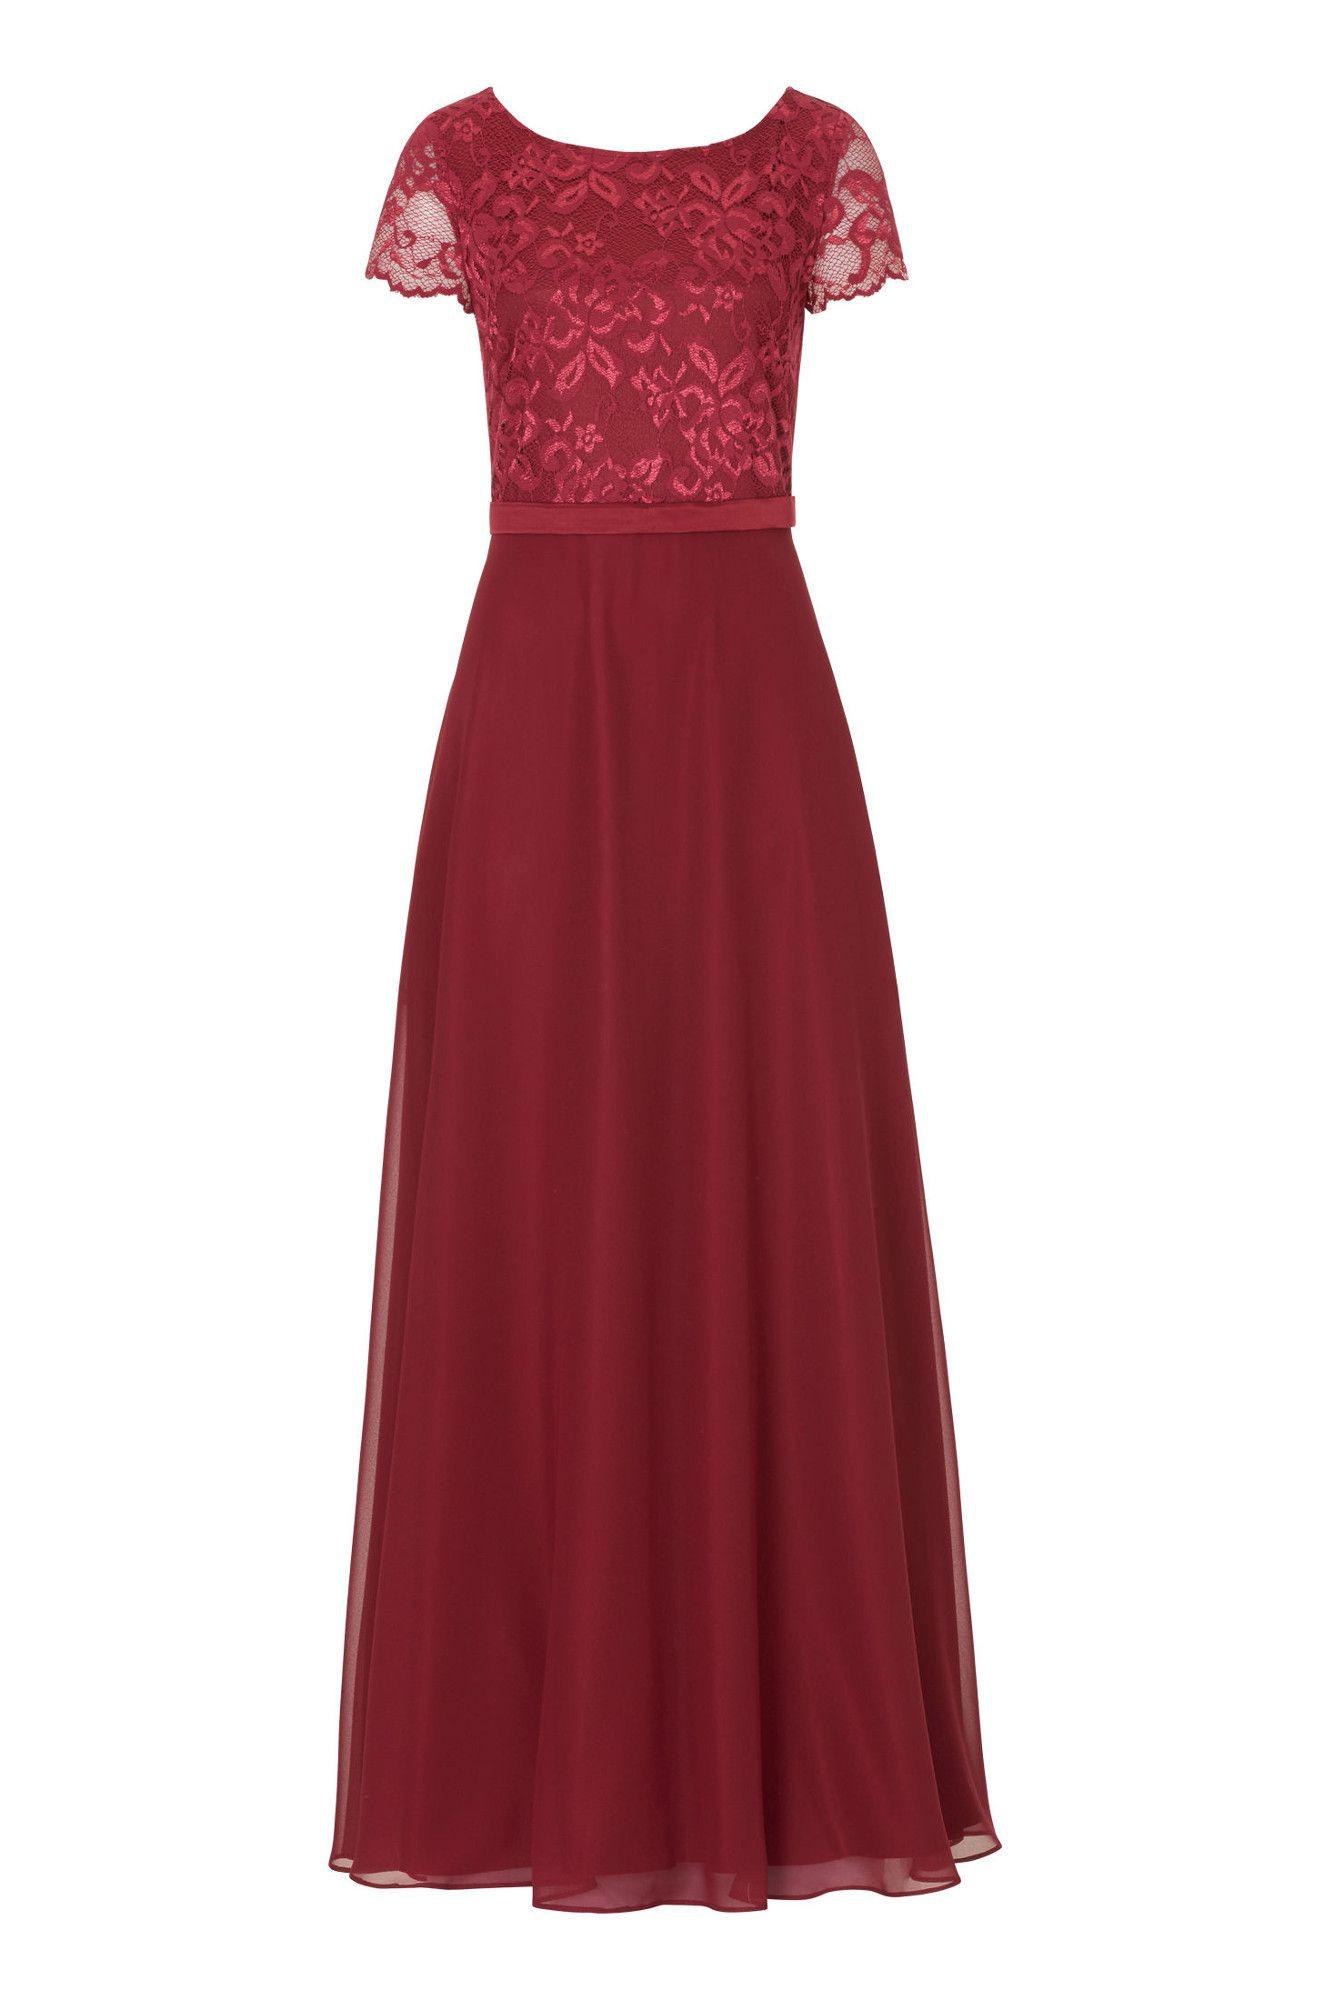 Abend Perfekt Abend Kleid Auf Rechnung VertriebFormal Luxus Abend Kleid Auf Rechnung Vertrieb